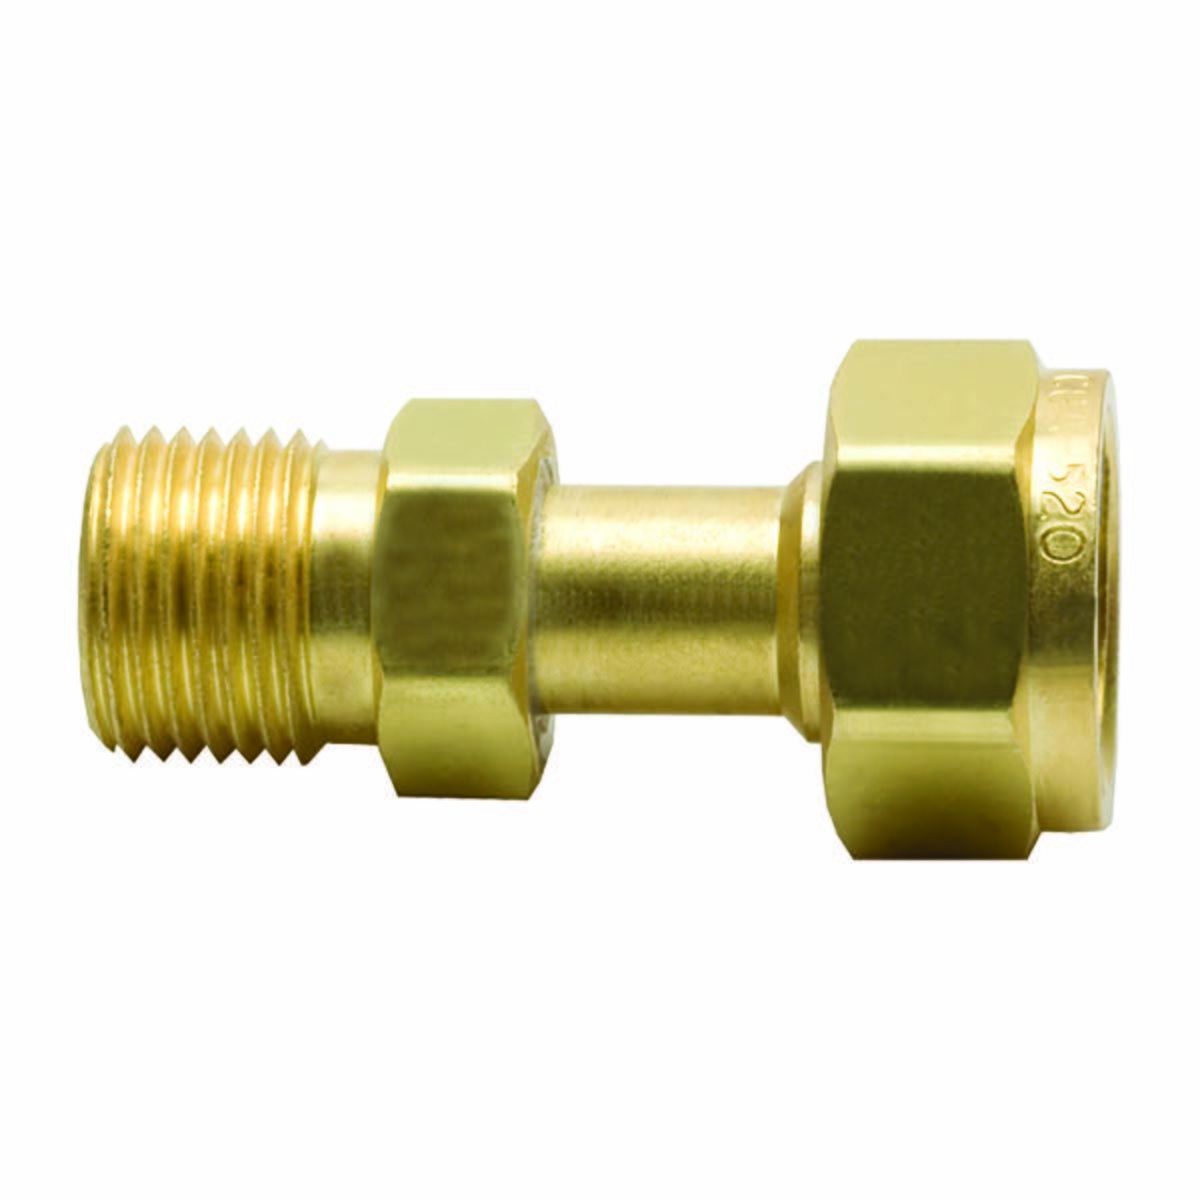 A, CYL ADAPTOR, CGA-520 X 300 (WE 319)